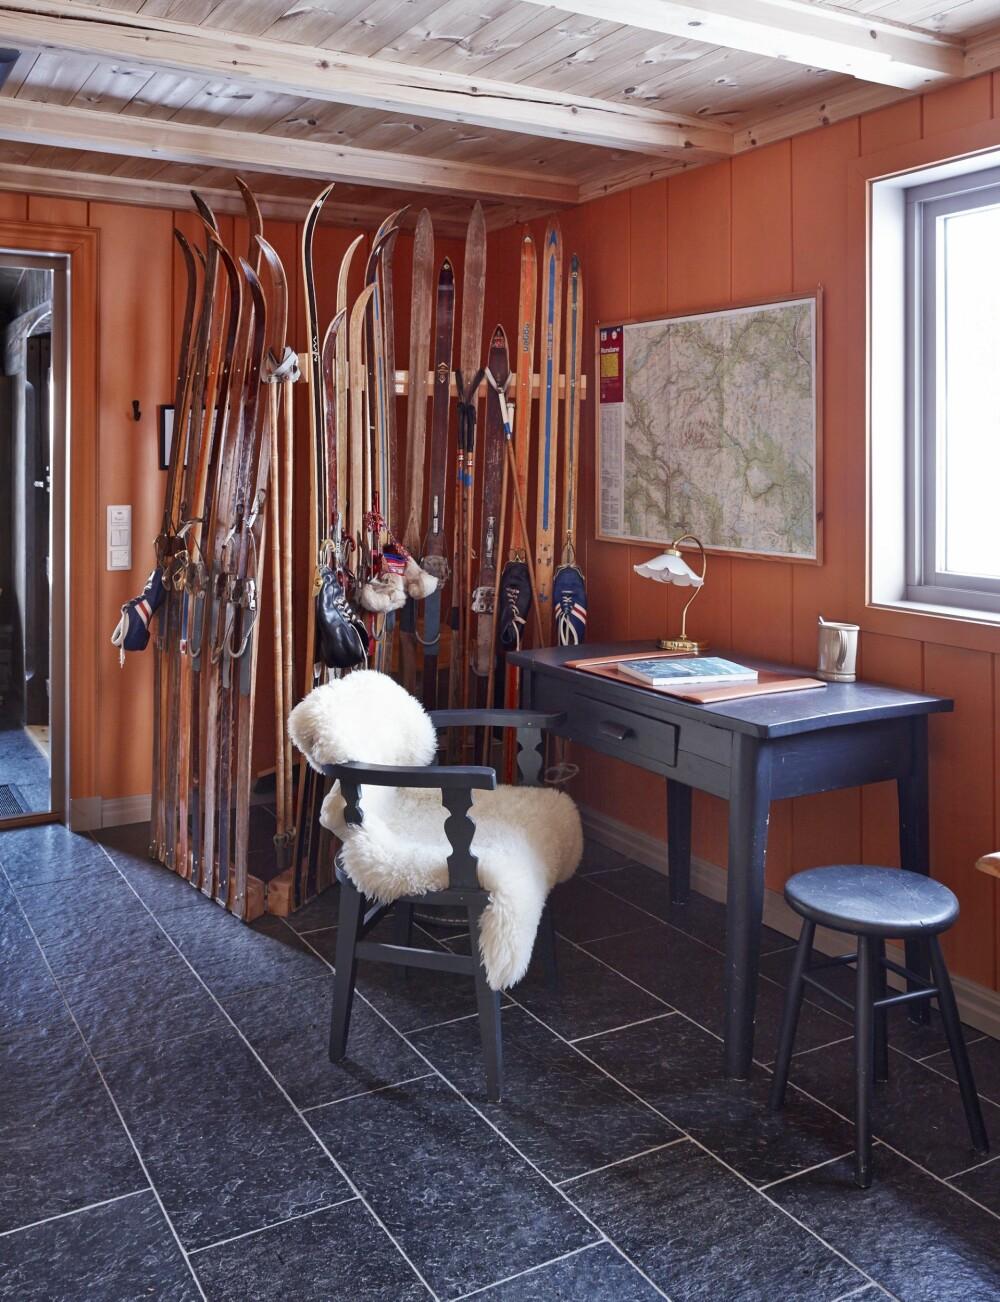 EN VEGG AV SKI: I gangen har Kari og Per Rudi en større skisamling, som skjermer brannapparater, brannteppe og andre hjelpemidler som ikke er like fine å se på. FOTO: Sveinung Bråthen